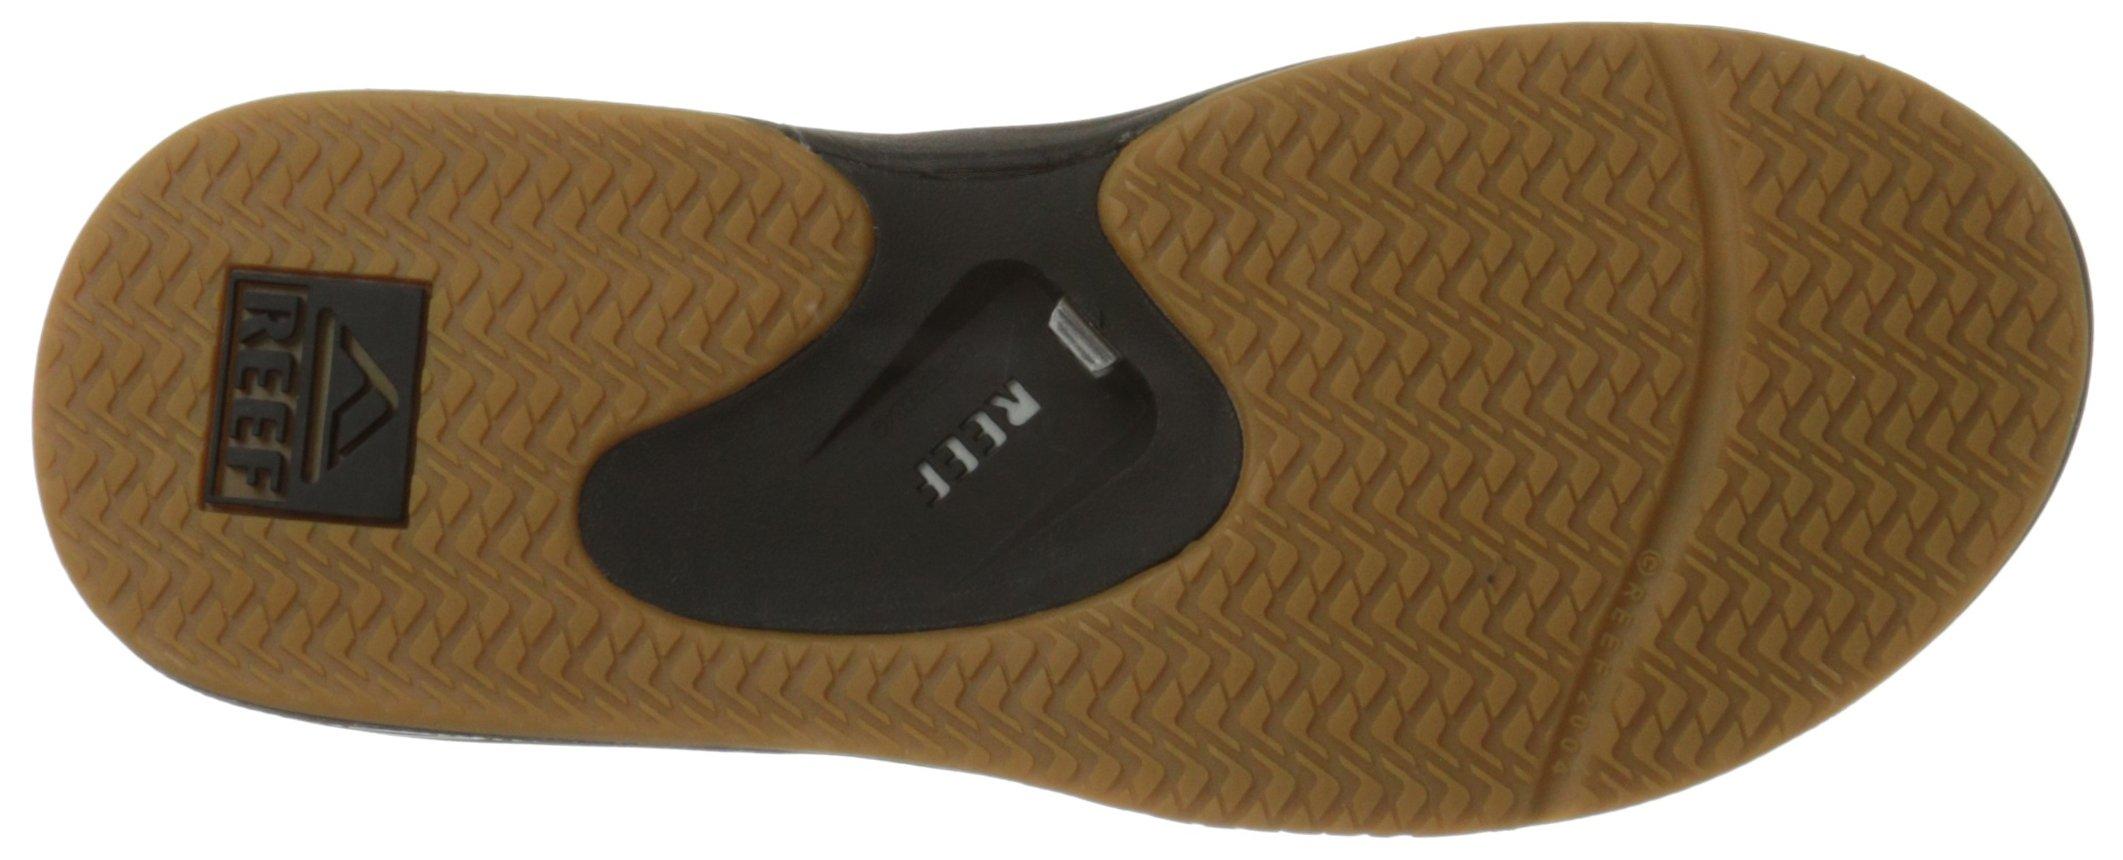 Reef Fanning Mens Sandals Bottle Opener Flip Flops for Men,Black/Silver,12 M US by Reef (Image #3)